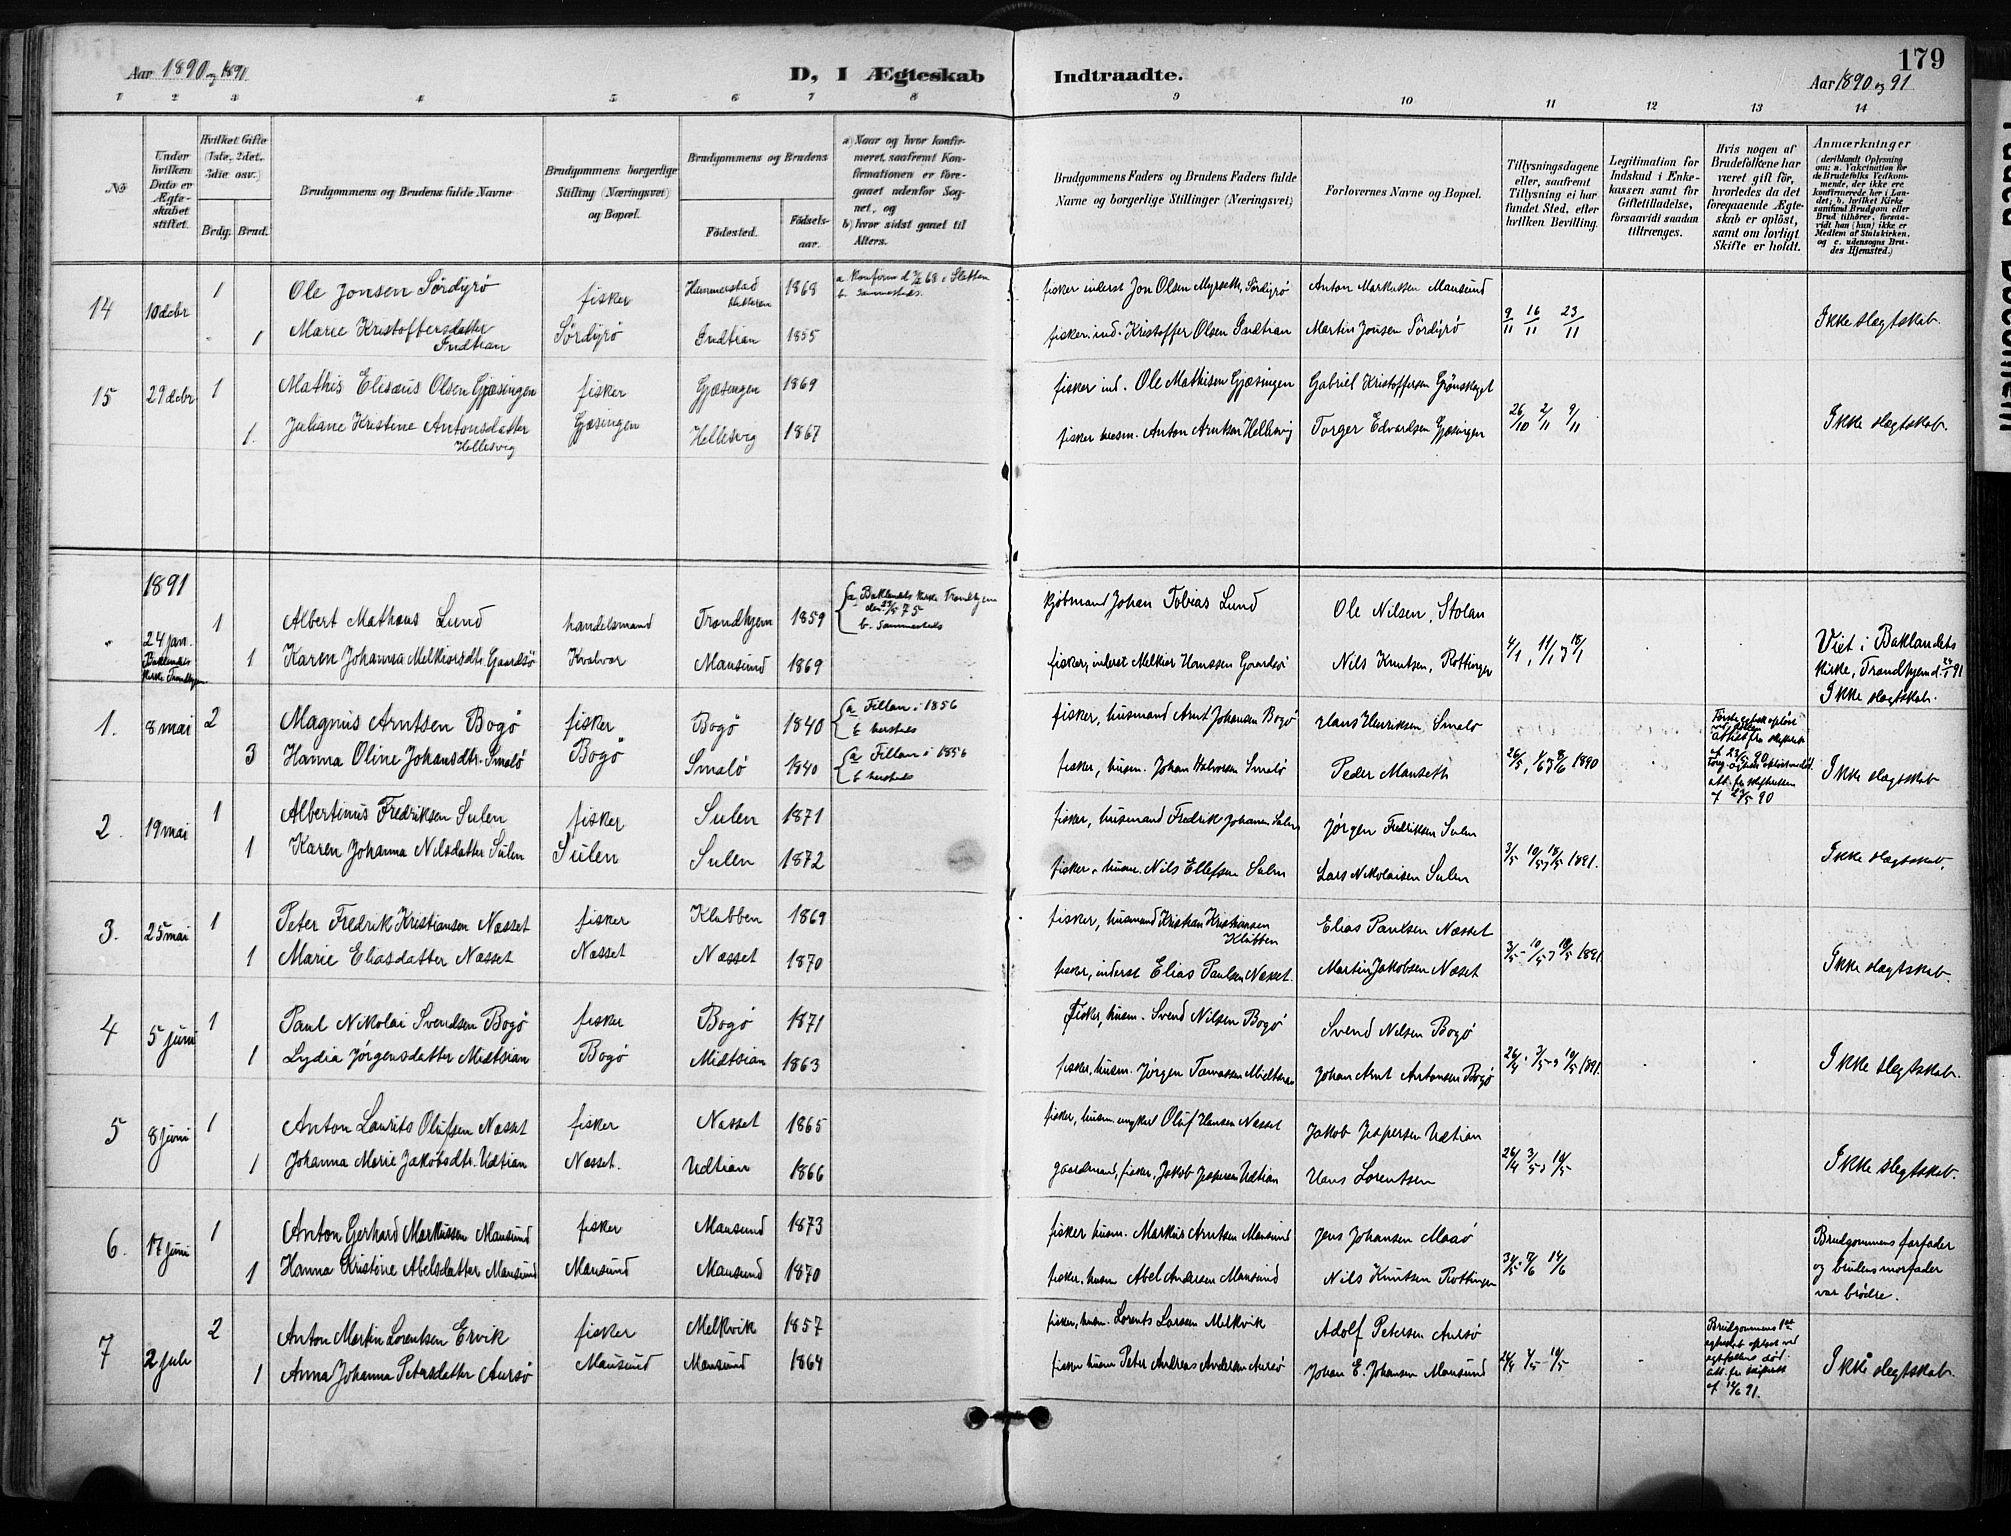 SAT, Ministerialprotokoller, klokkerbøker og fødselsregistre - Sør-Trøndelag, 640/L0579: Ministerialbok nr. 640A04, 1889-1902, s. 179